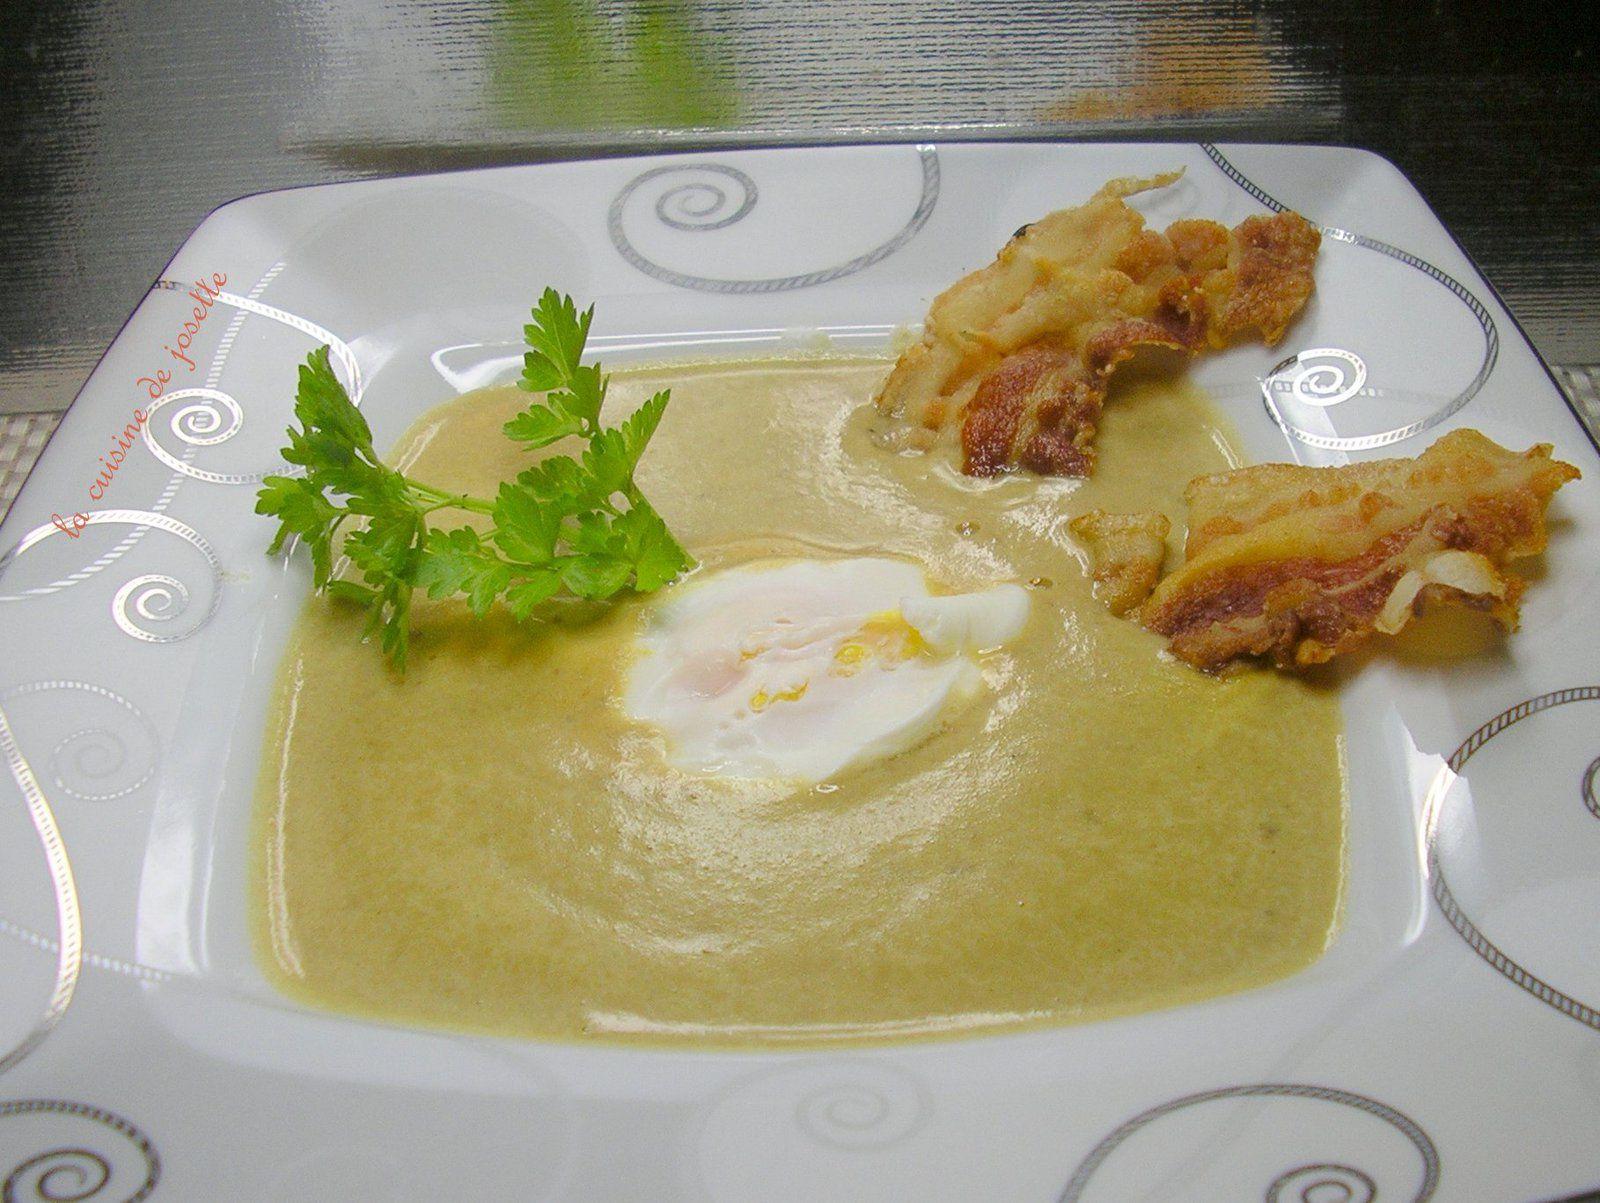 velouté de lentilles vertes du puy a la ventrèche et œuf poché